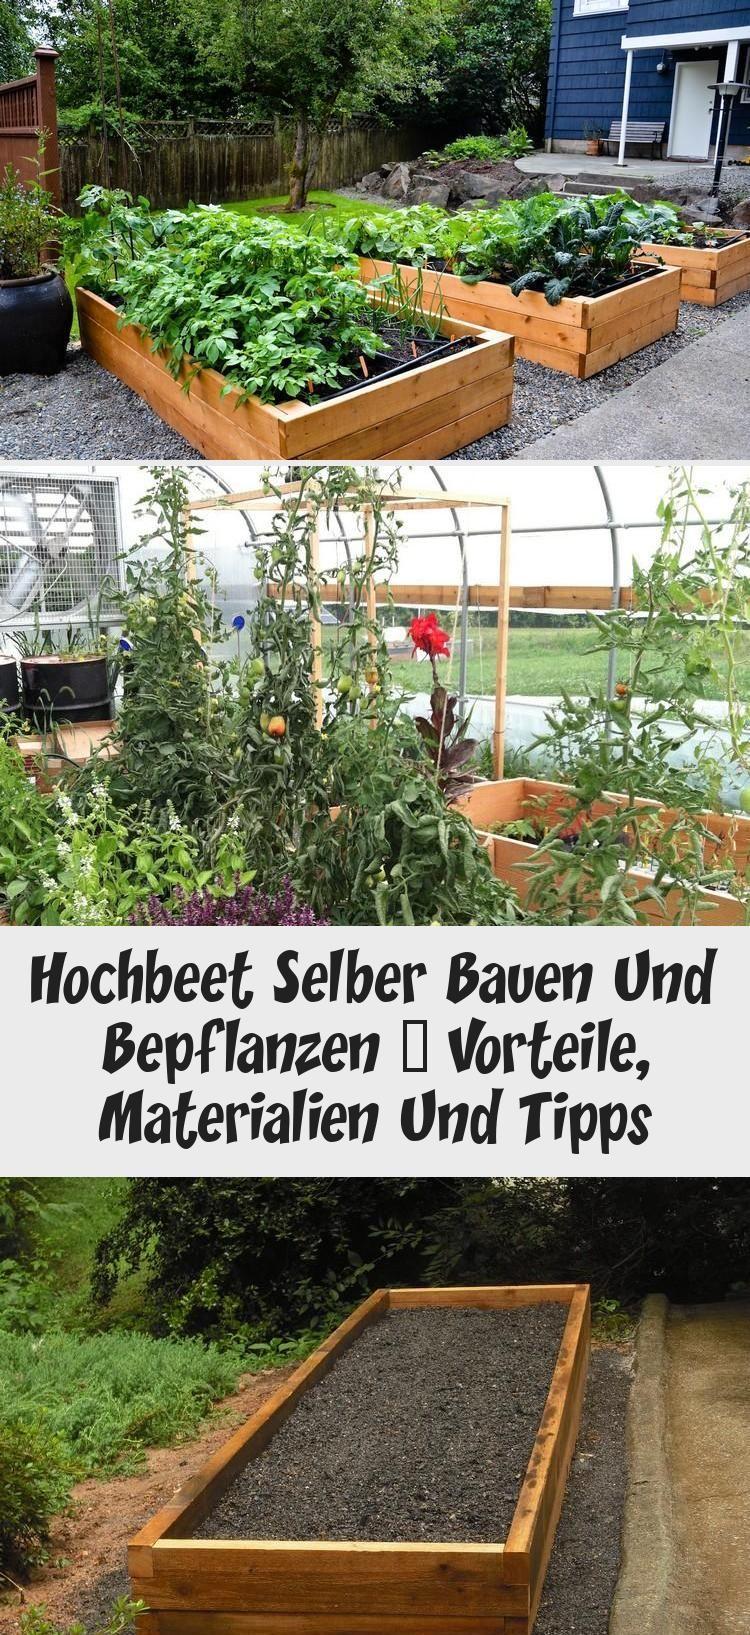 Garten Hochbeet Selber Bauen Und Bepflanzen Vorteile Materialien Und Tipps Hochbeet Selber Bauen Und Bepflanzen Vorteile Materialie In 2020 Plants Garden